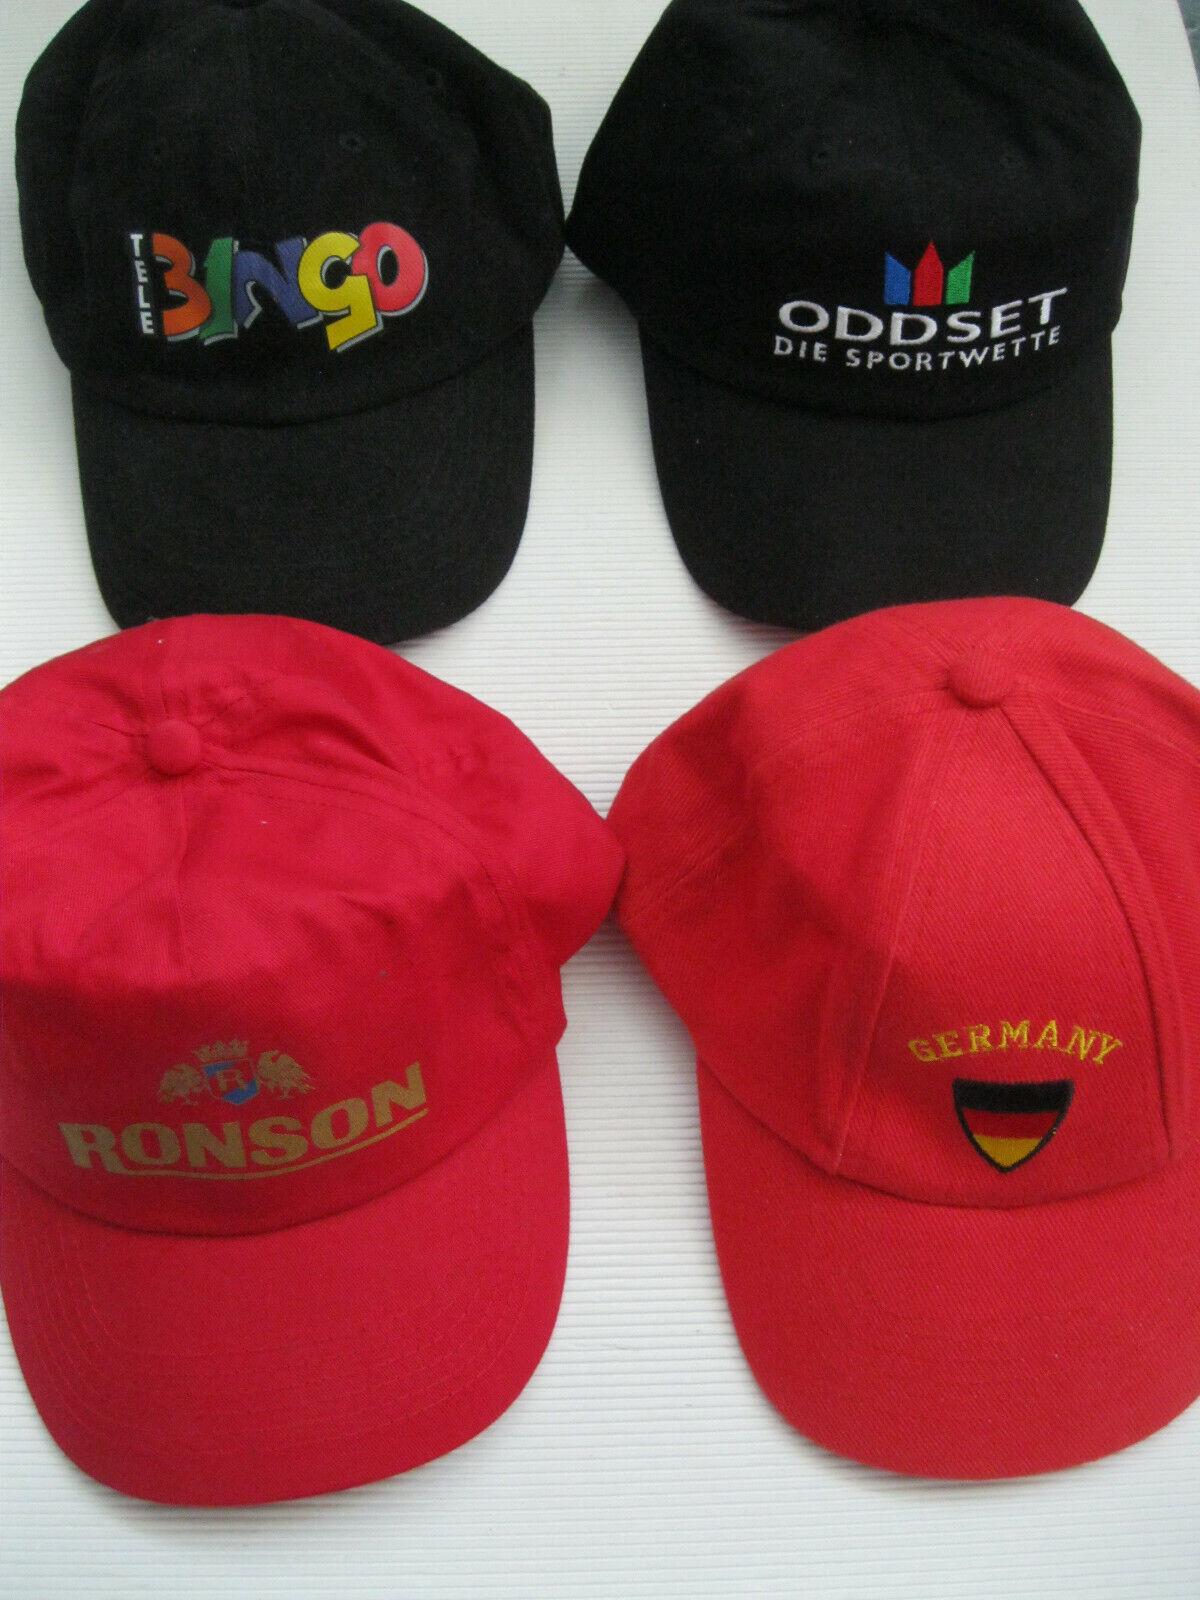 4 Basecap mit Reklame Werbung ODDSET BINGO RONSON Fussball WM 2006 neu unbenutzt